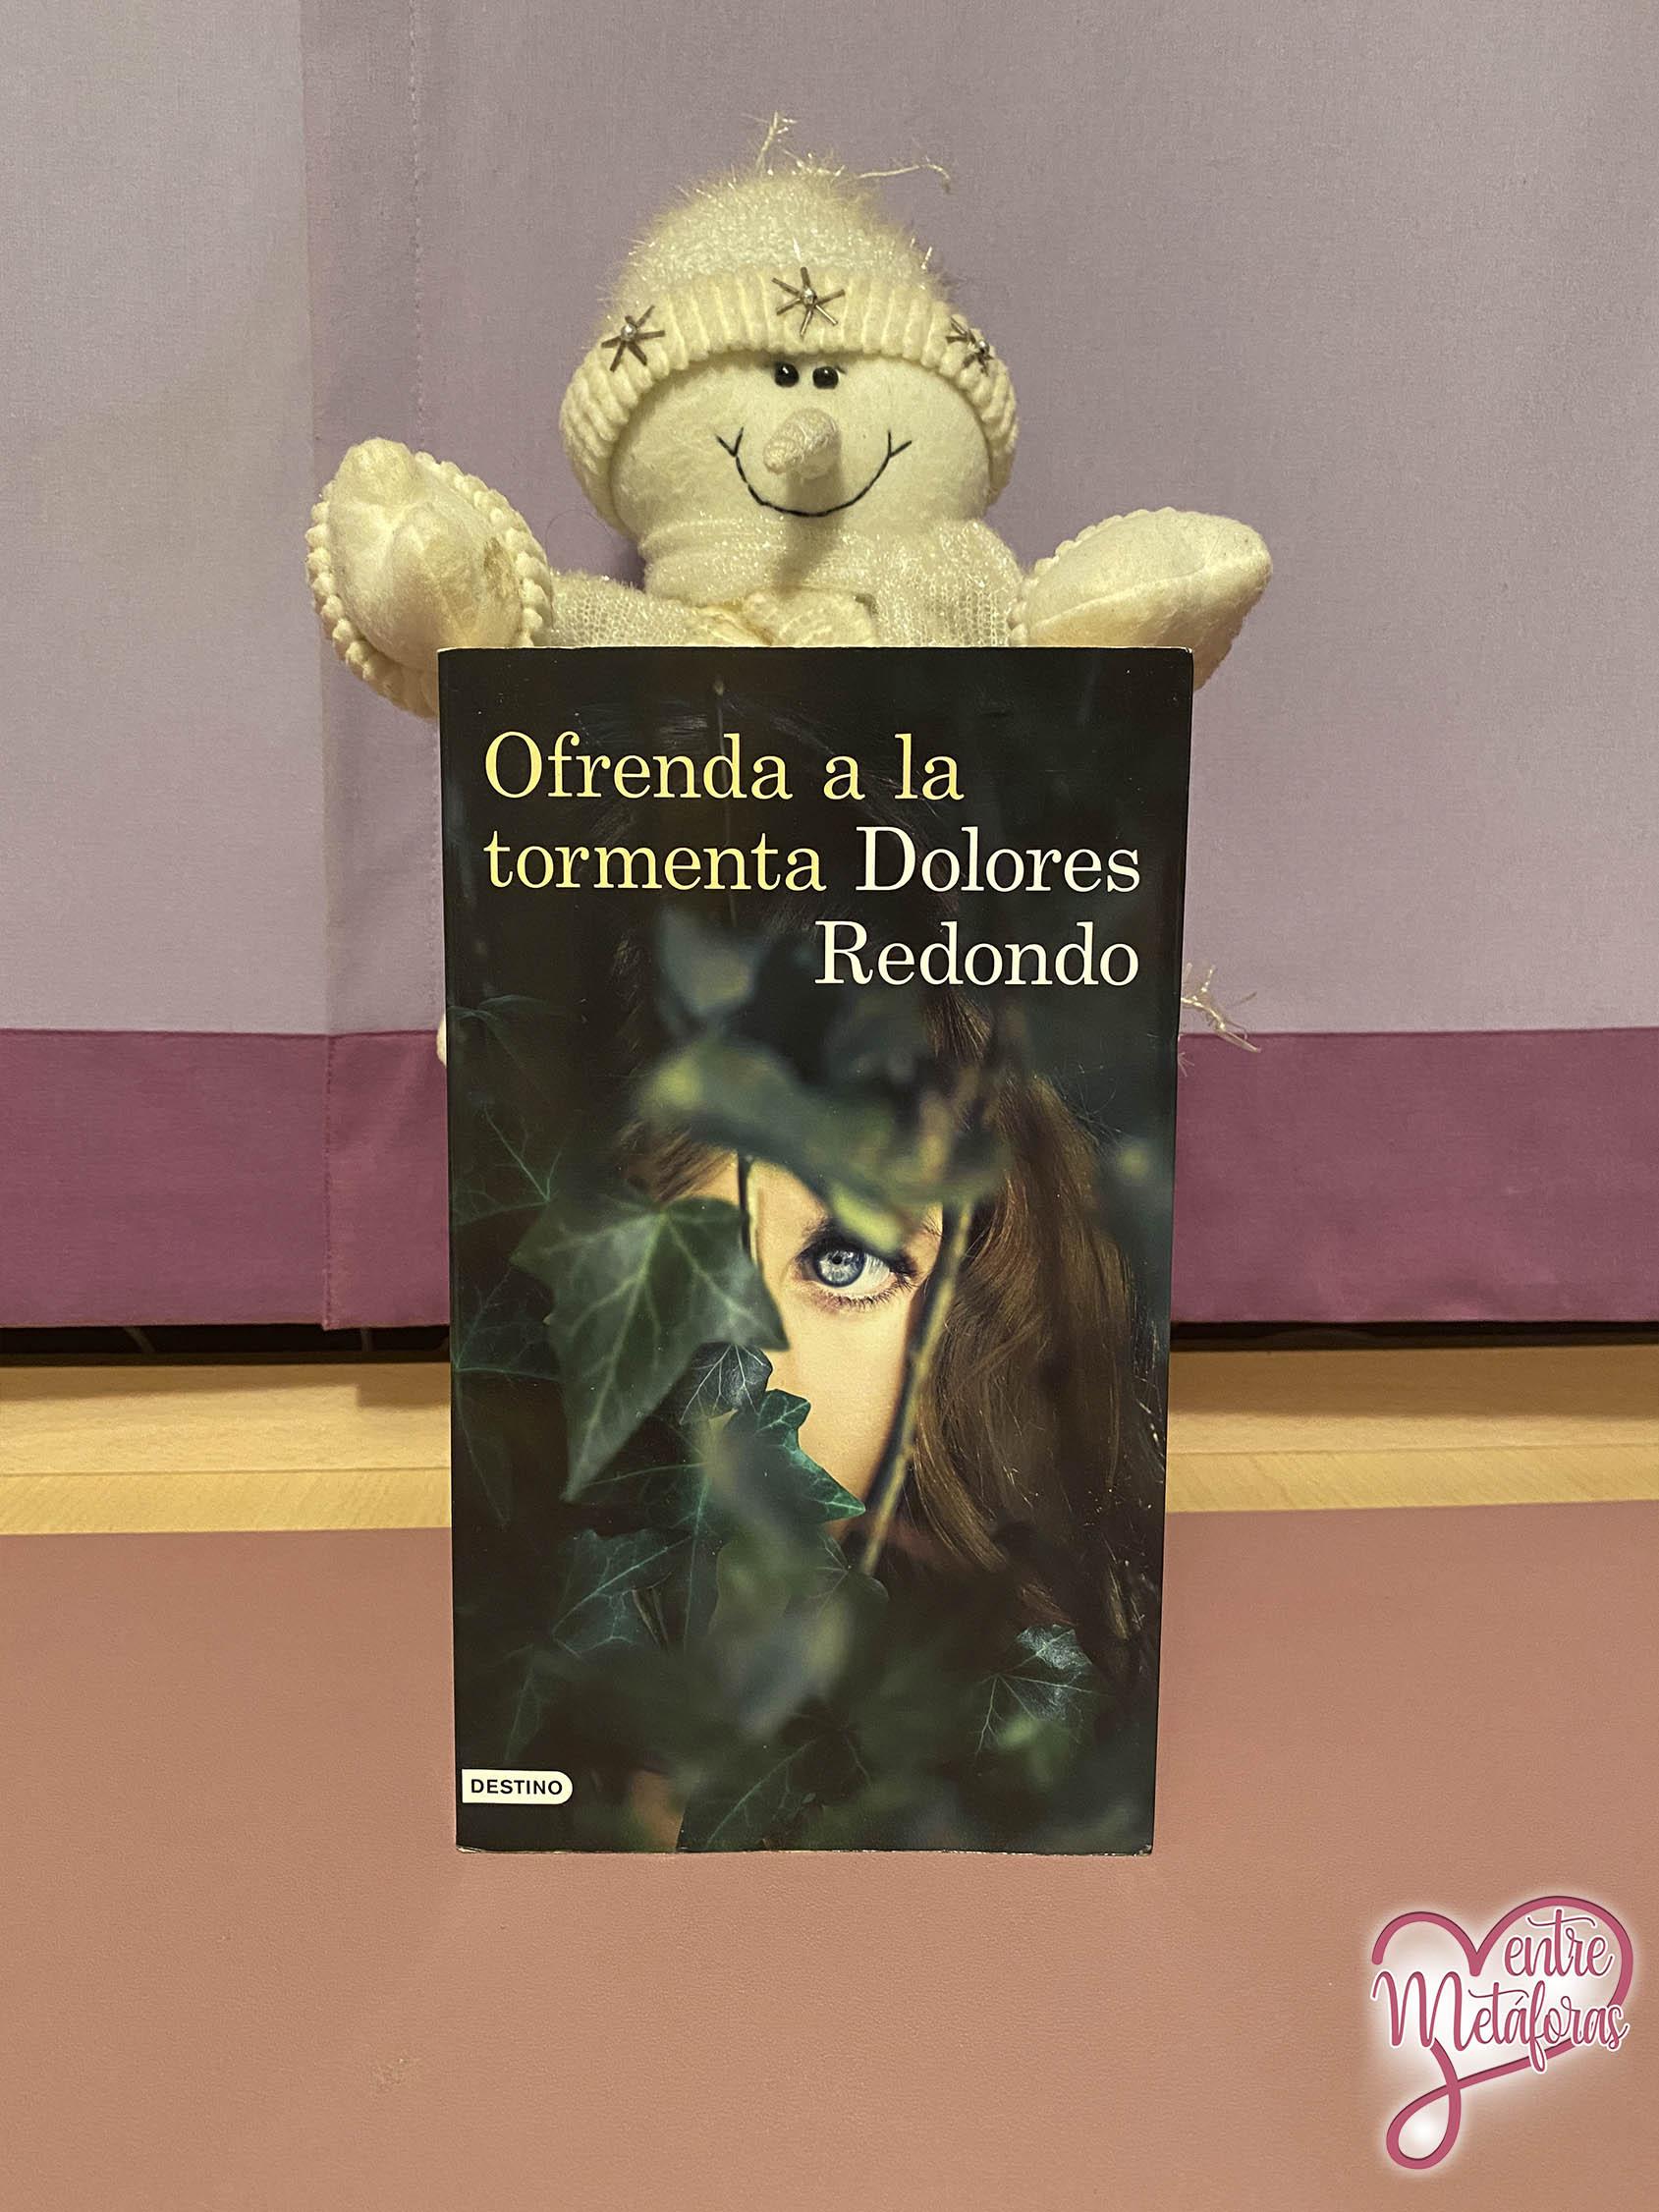 Ofrenda a la tormenta, de Dolores Redondo